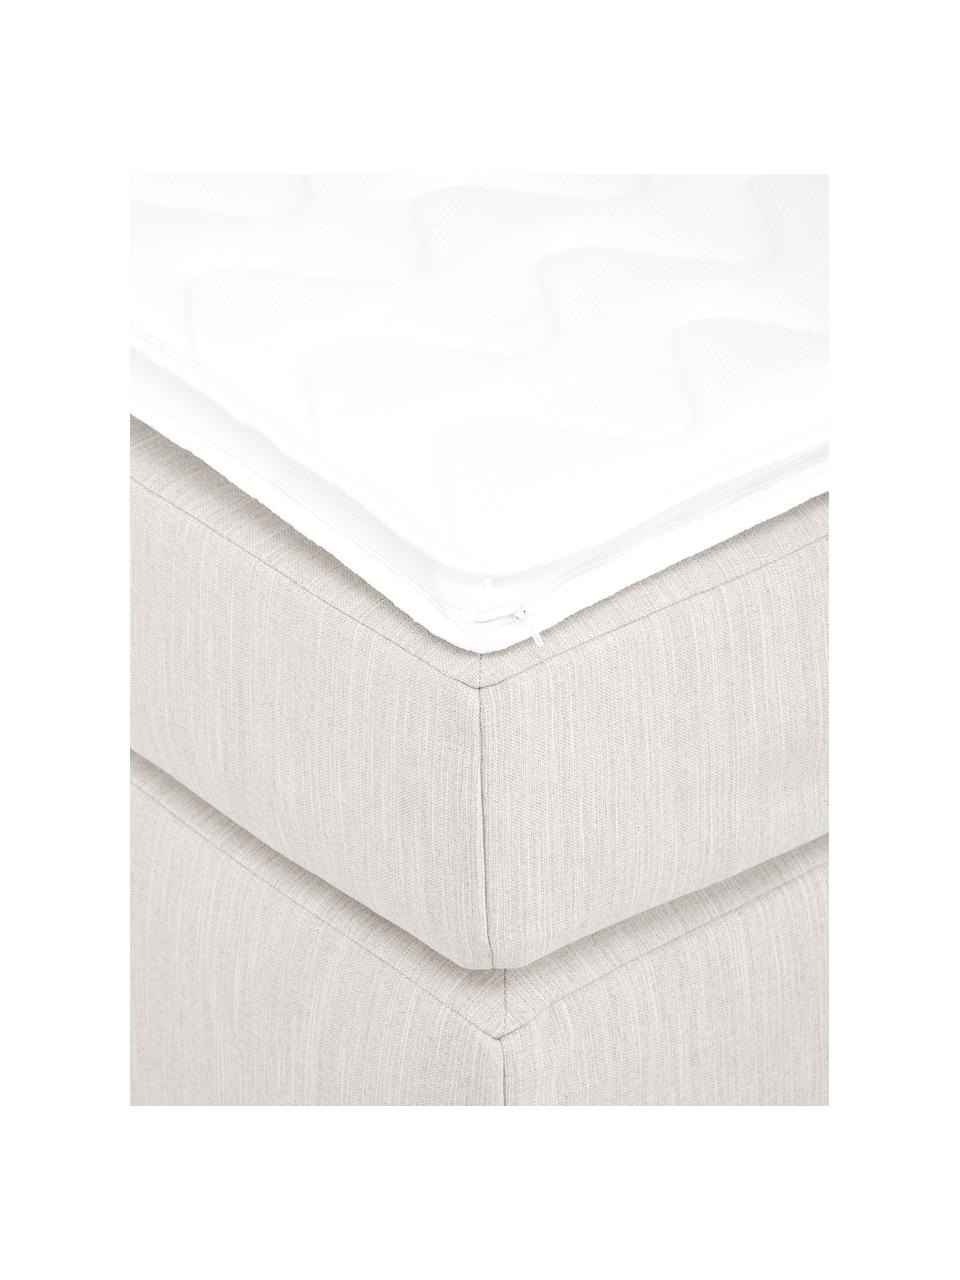 Boxspringbett Enya ohne Kopfteil in Hellbeige, Matratze: 5-Zonen-Taschenfederkern, Füße: Kunststoff, Webstoff Hellbeige, 200 x 200 cm